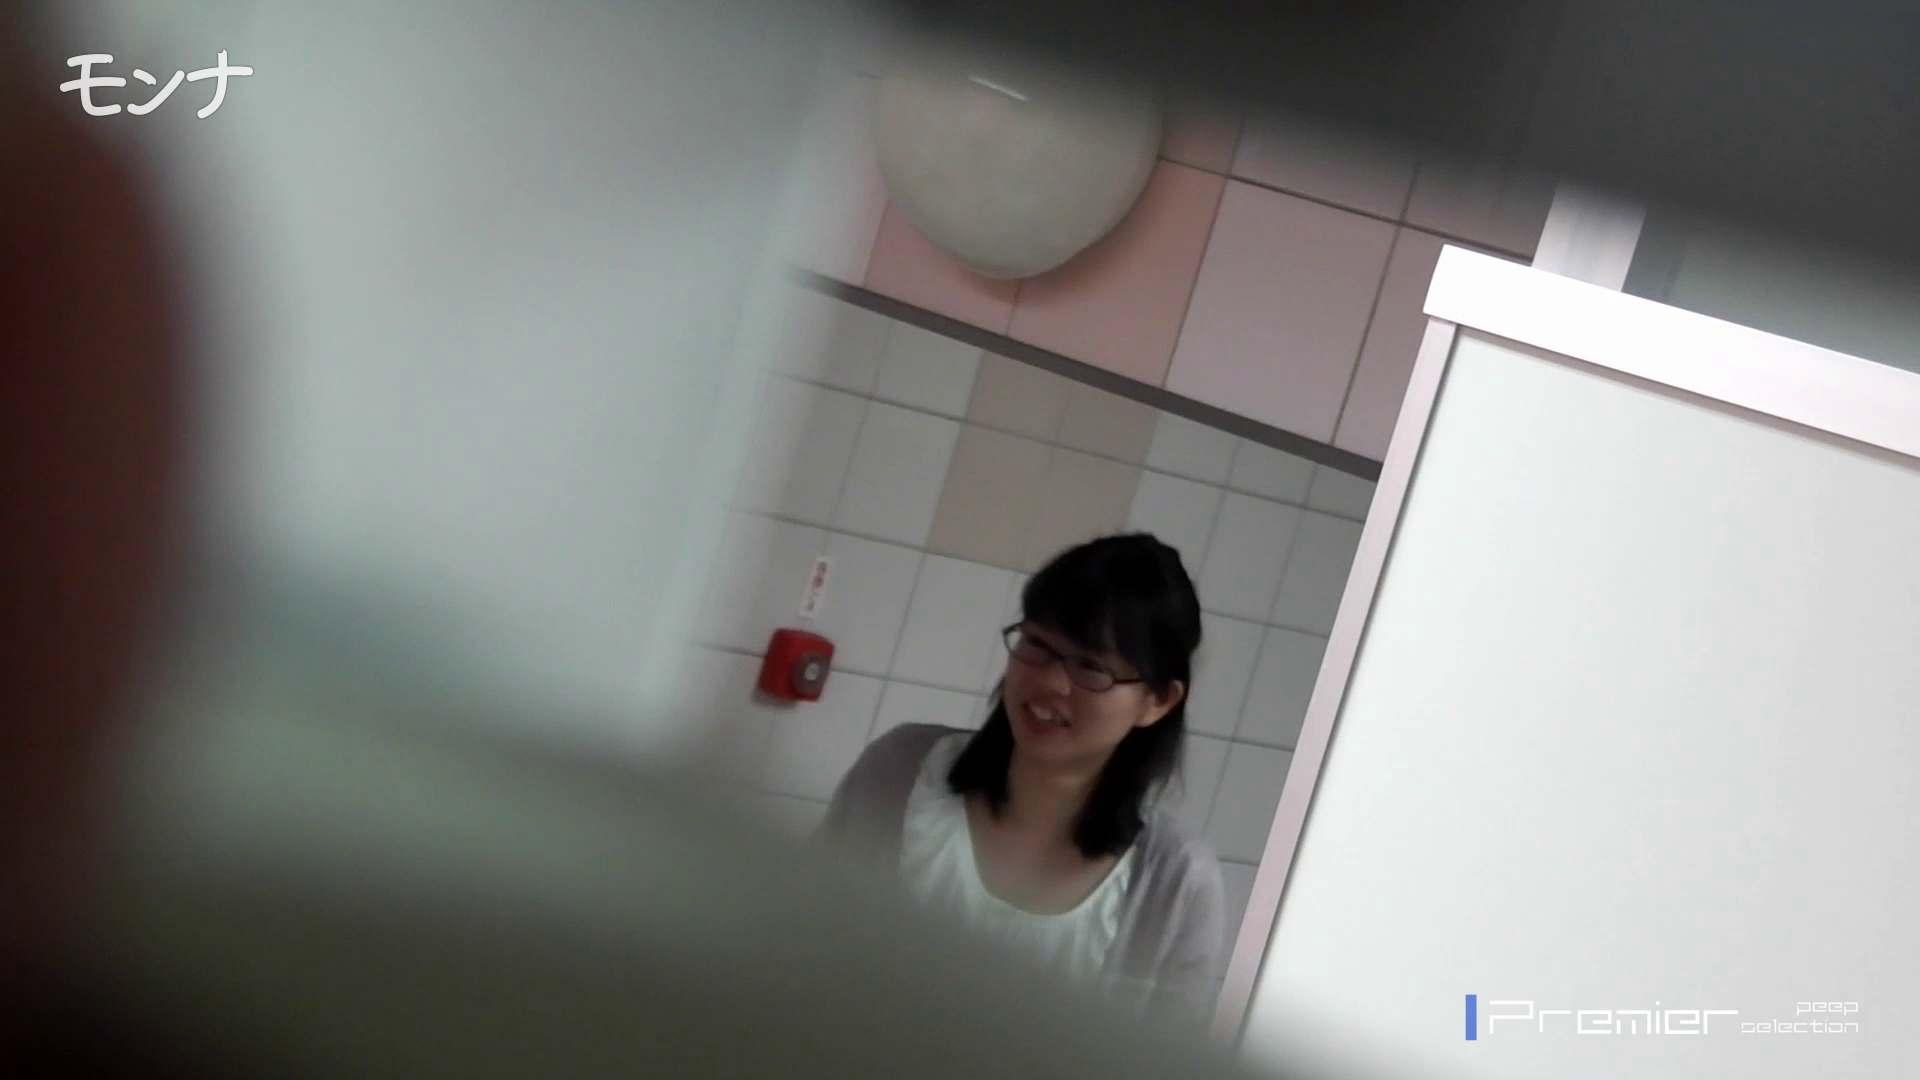 美しい日本の未来 No.23 倉科カナ似です 小悪魔ギャル アダルト動画キャプチャ 110枚 50